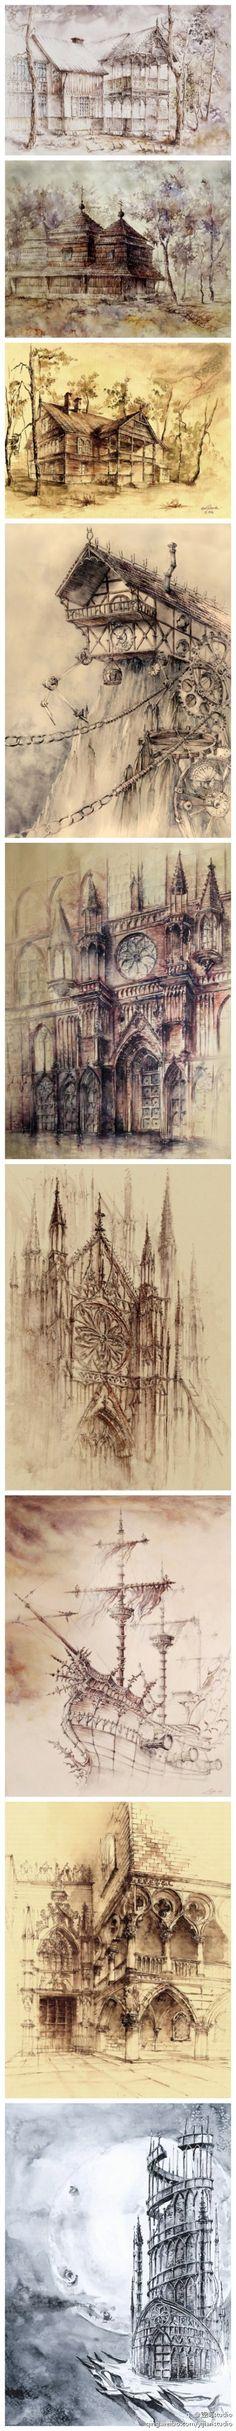 [] Architecture Aquarelle sur papier style rétro tours Wyatt, Elwira Pawlikowska.